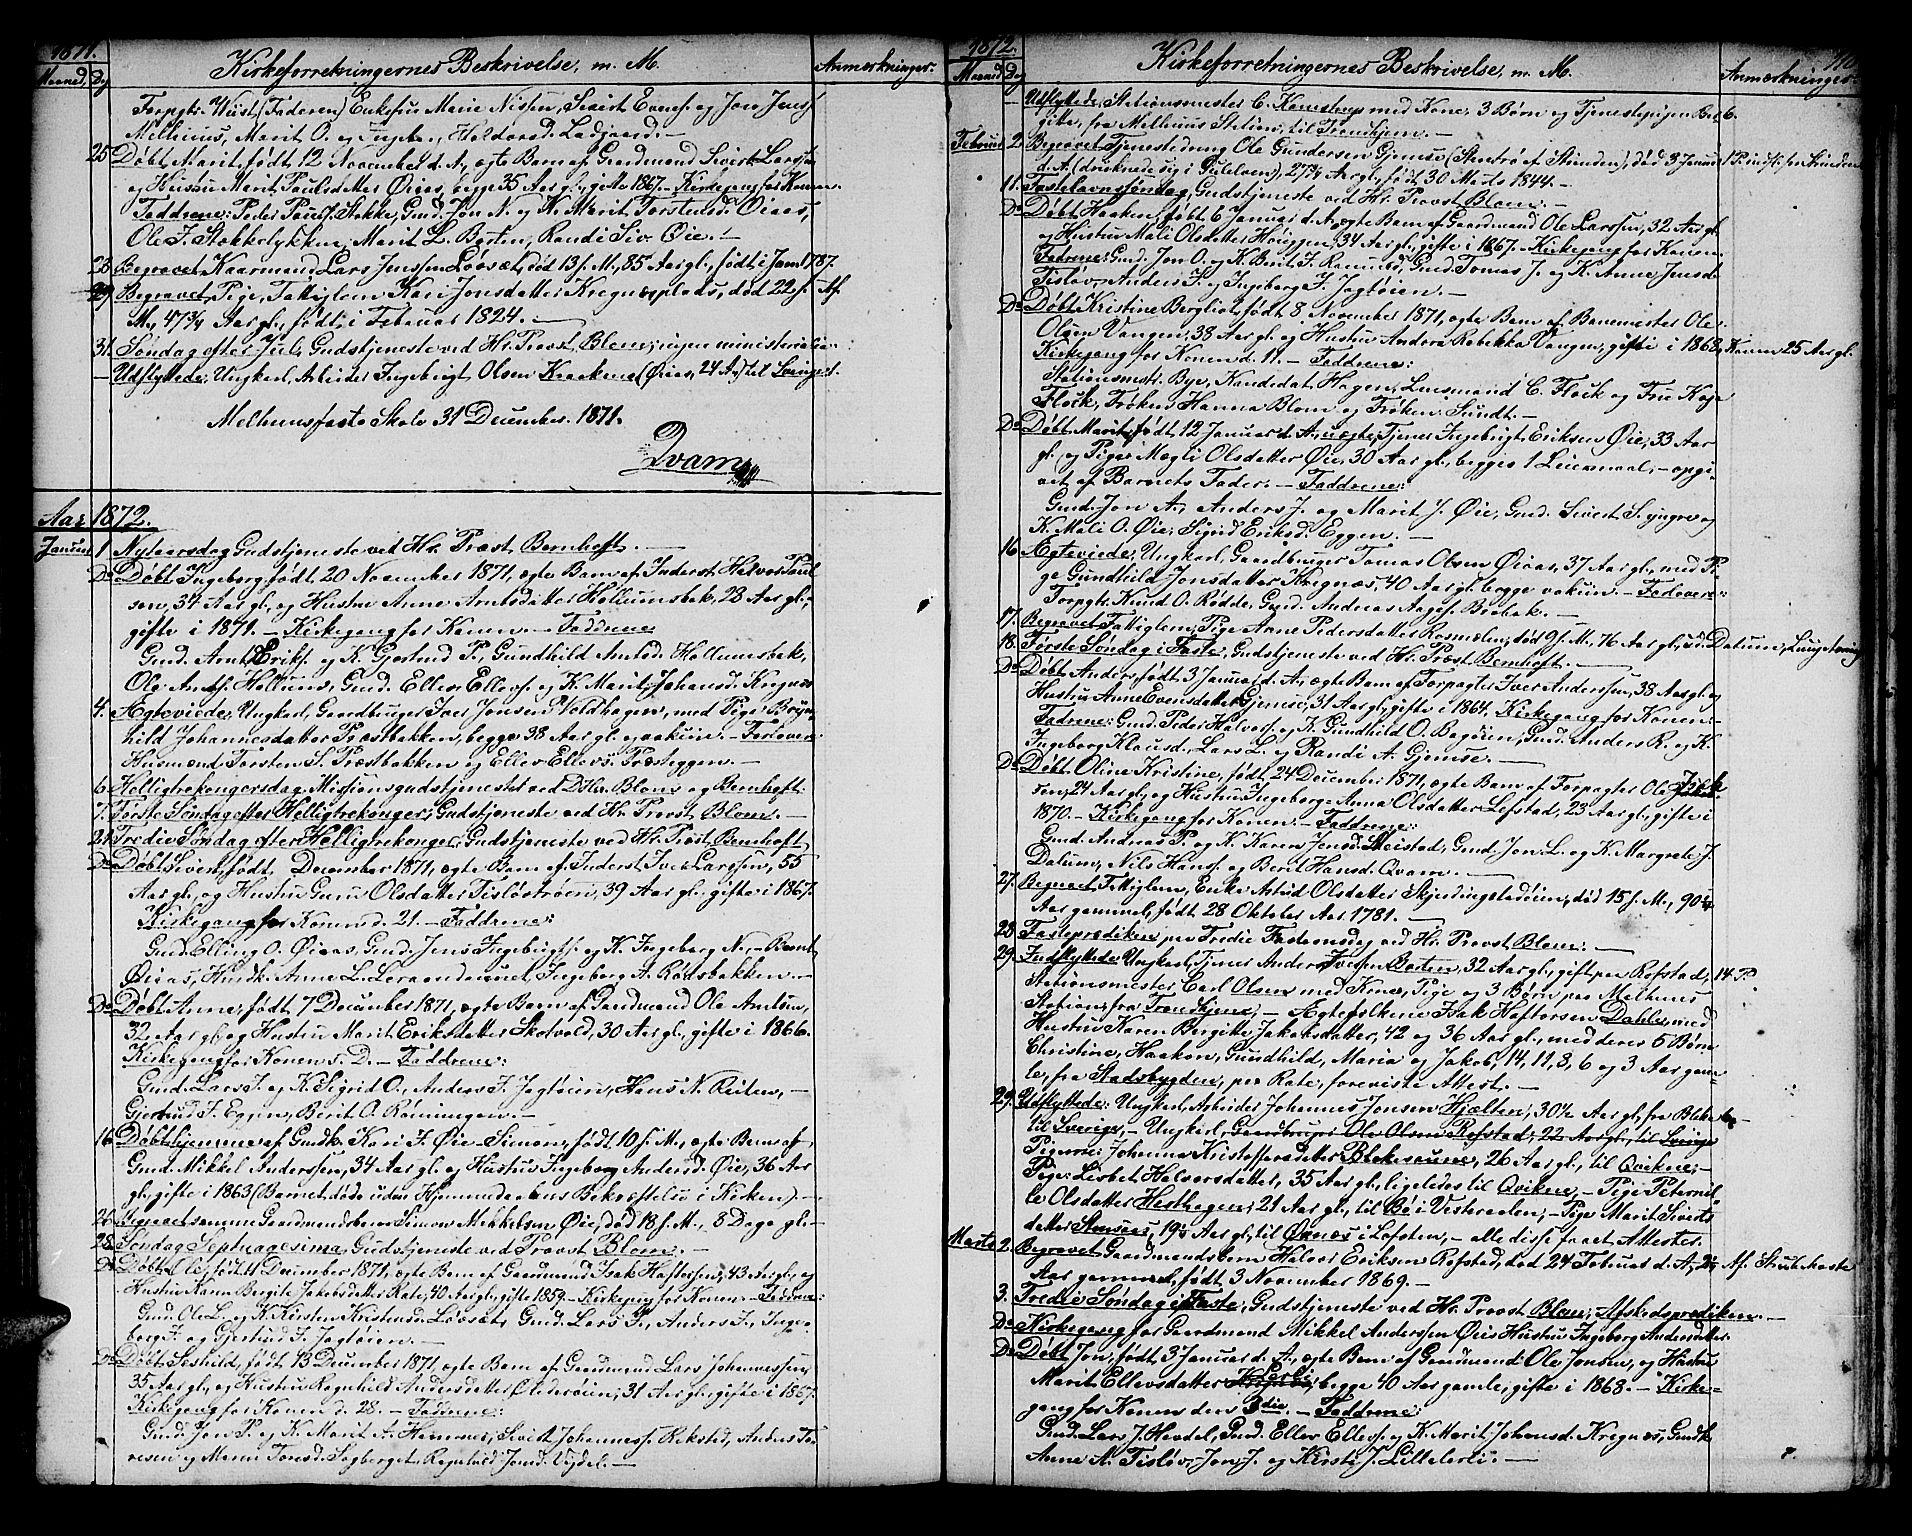 SAT, Ministerialprotokoller, klokkerbøker og fødselsregistre - Sør-Trøndelag, 691/L1093: Klokkerbok nr. 691C04, 1852-1879, s. 110